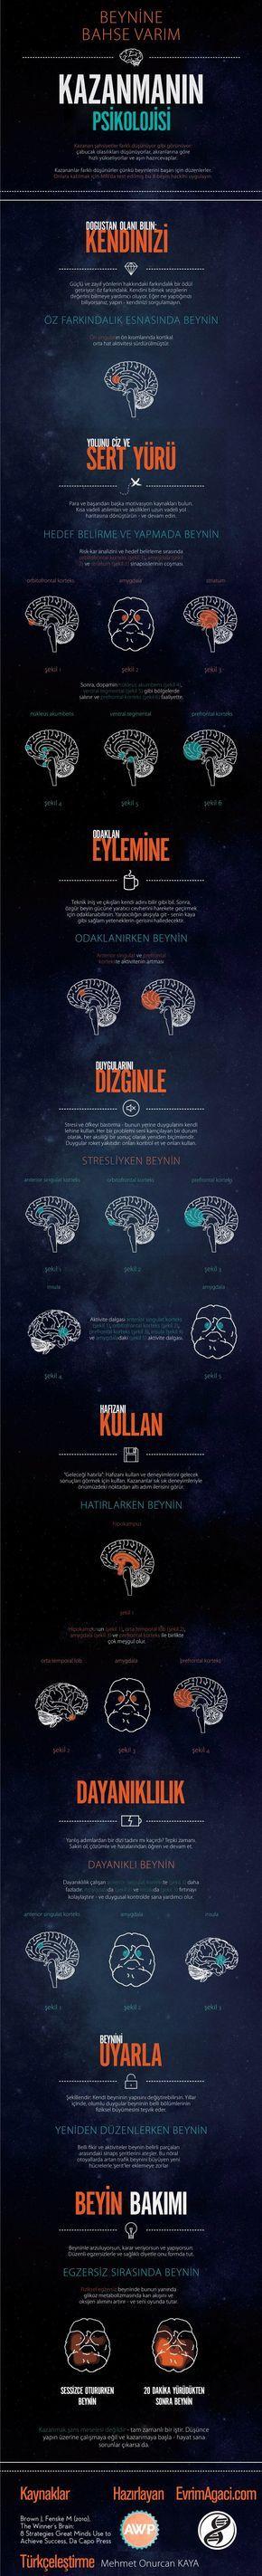 Kazanmanın Psikolojisi: Neden Kazanmak Bu Kadar Önemli? – Evrim Ağacı